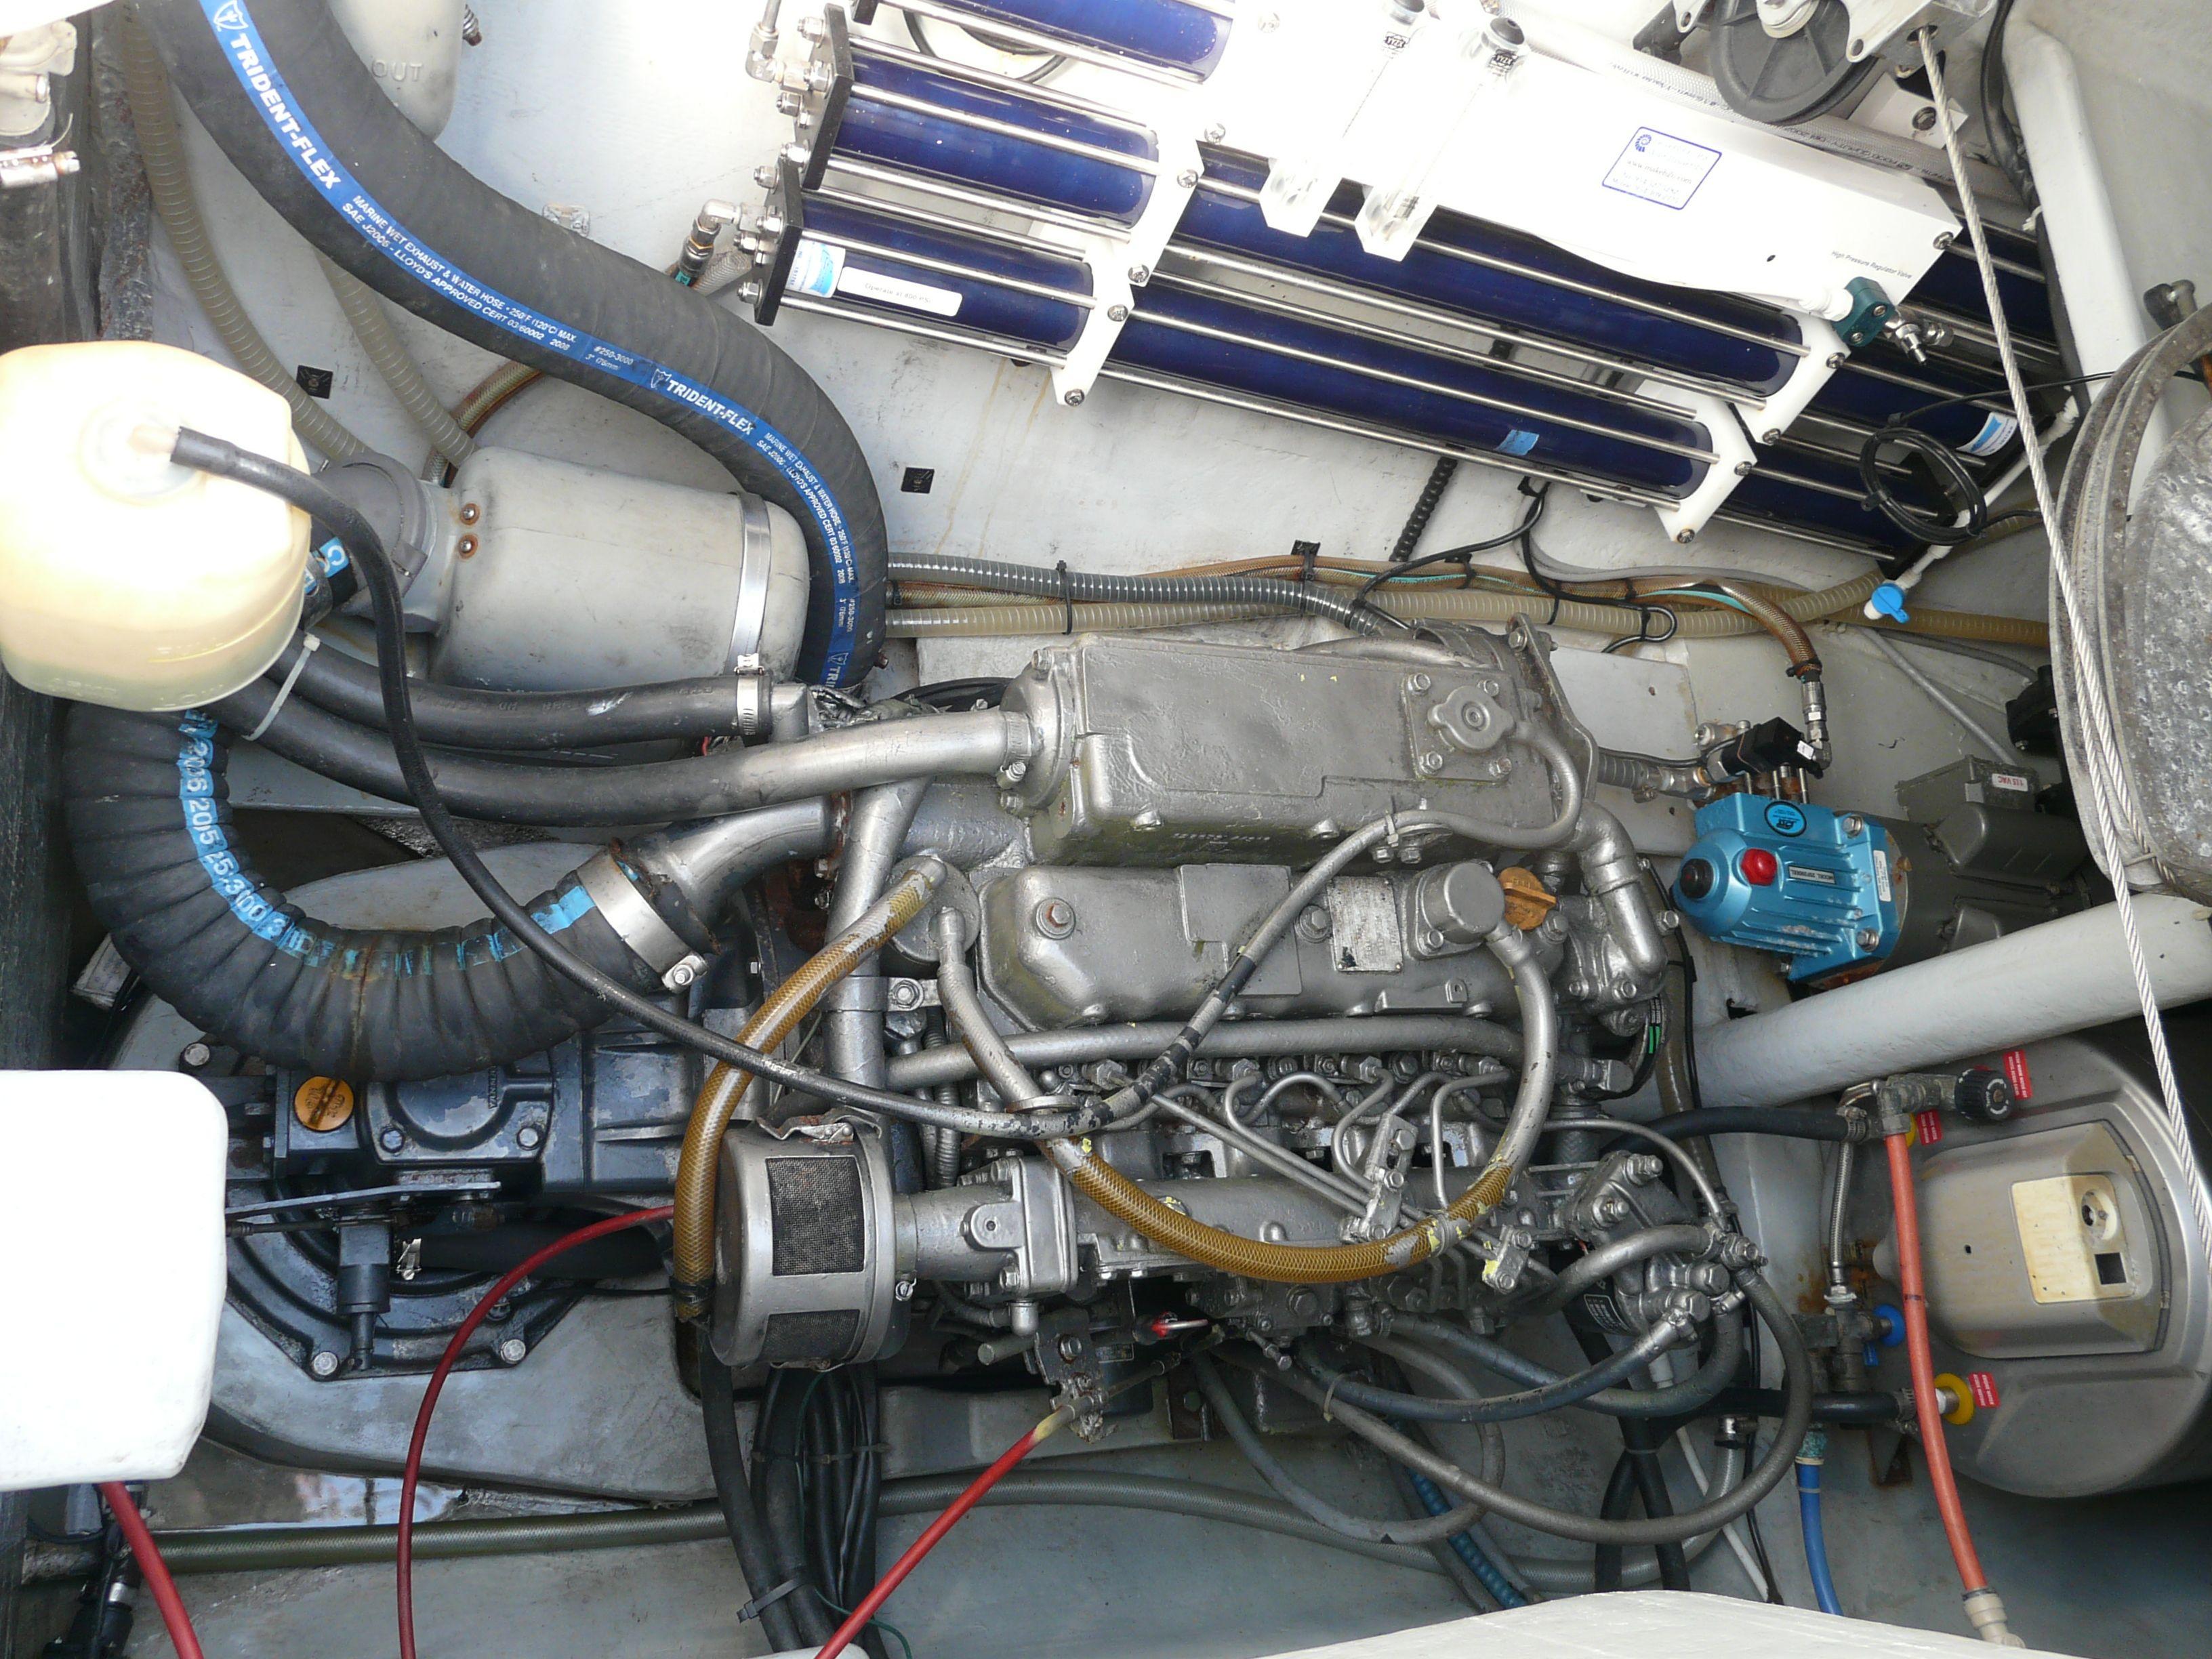 56hp yanmar diesel engine starboard engine room